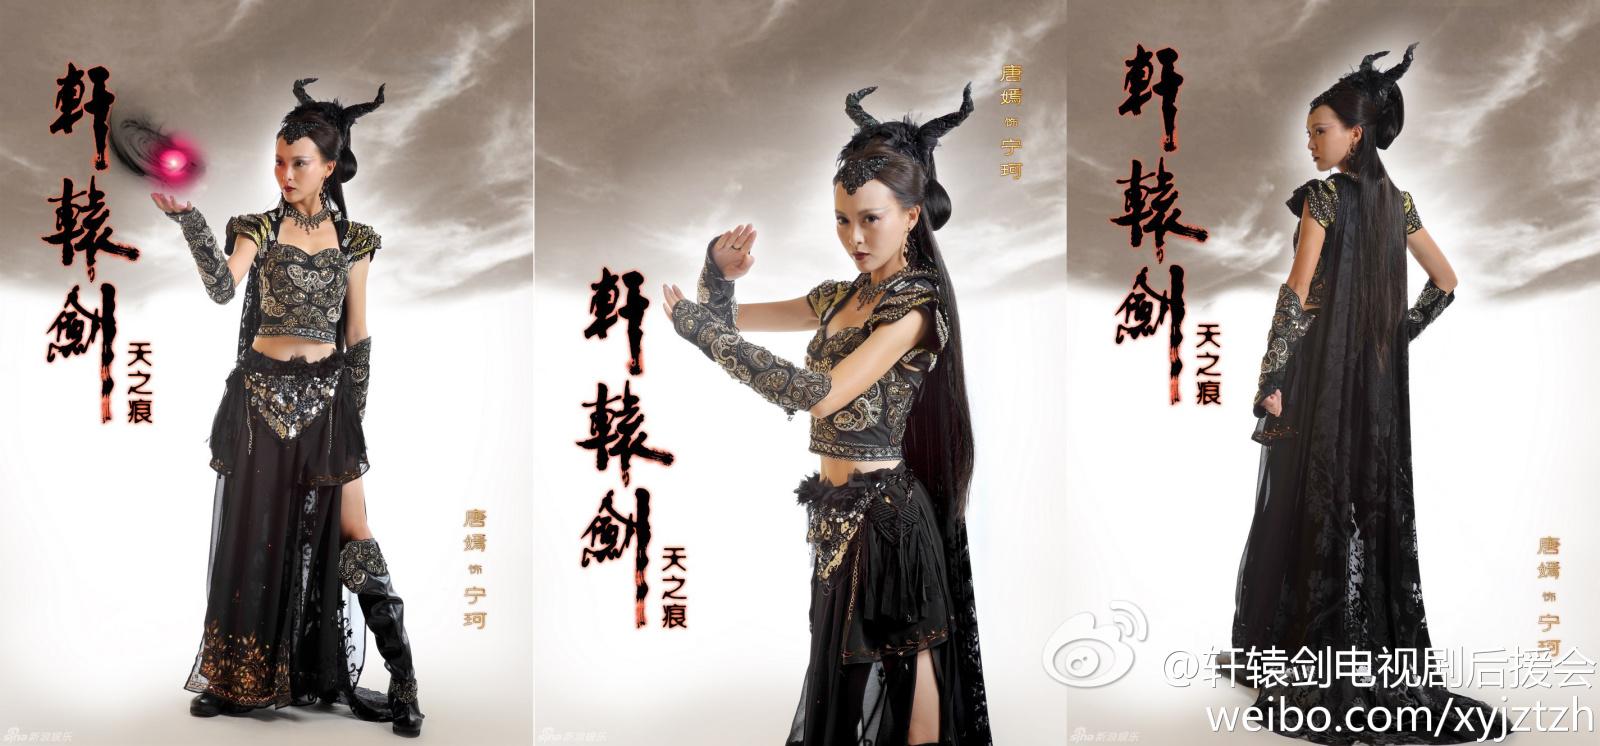 [Thông Tin Phim] Hiên Viên Kiếm - Thiên Chi Ngân - Hồ Ca[2012] - Page 2 79d03badjw1djmk10dc6hj